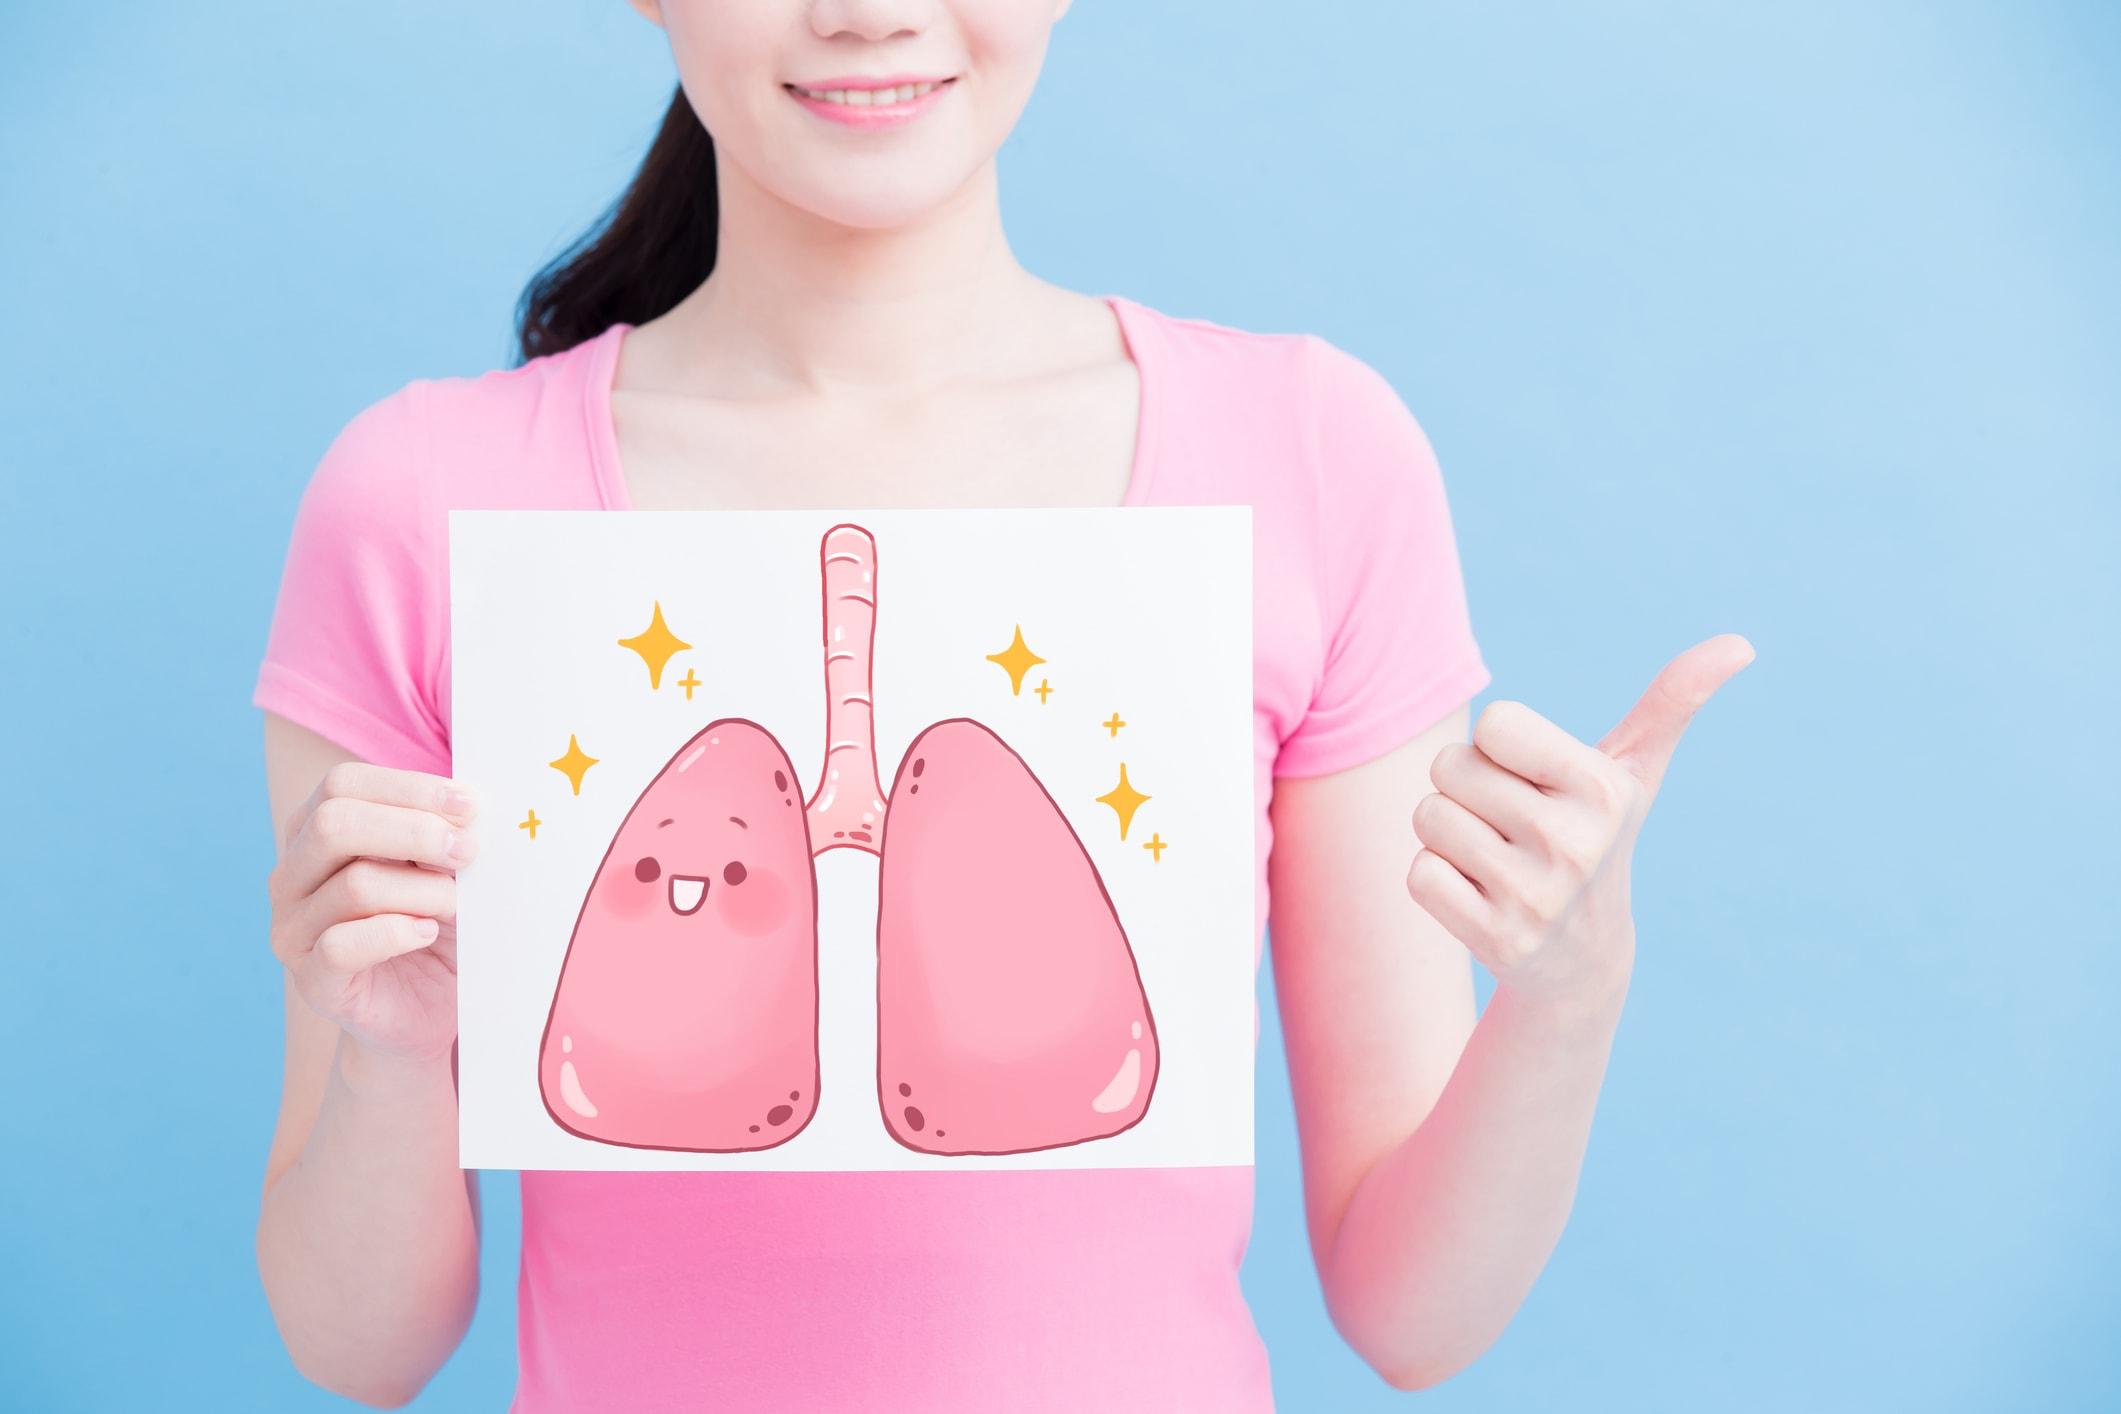 Mädchen mit Lungenbild